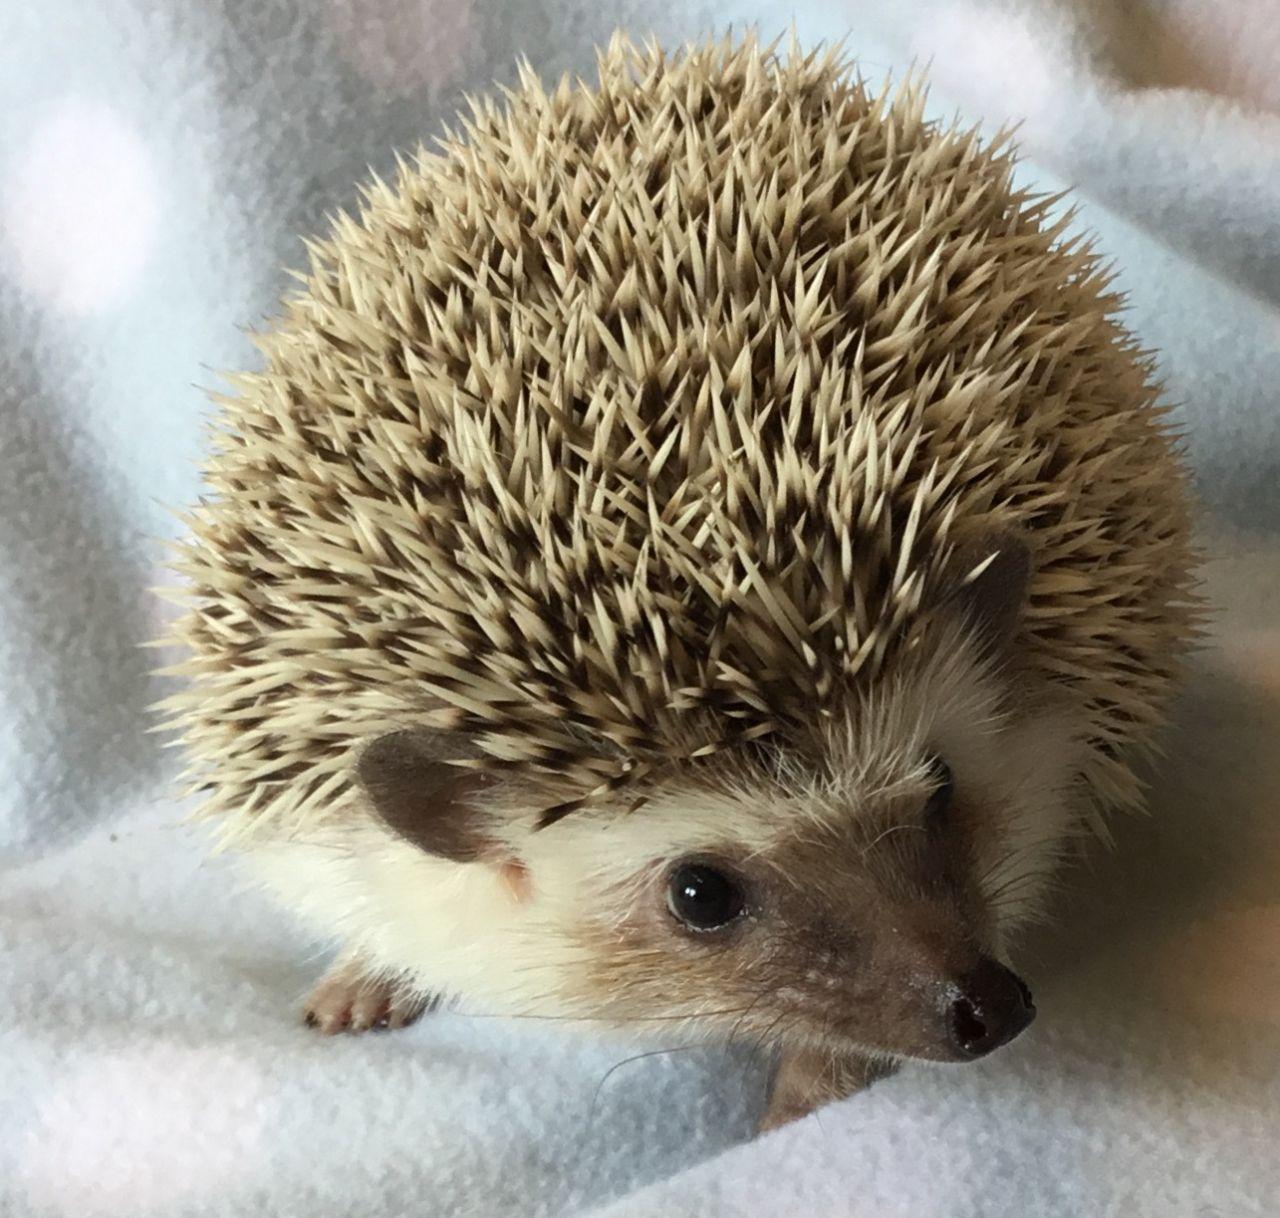 Breeding hedgehogs cute hedgehog pet pigs baby hedgehog